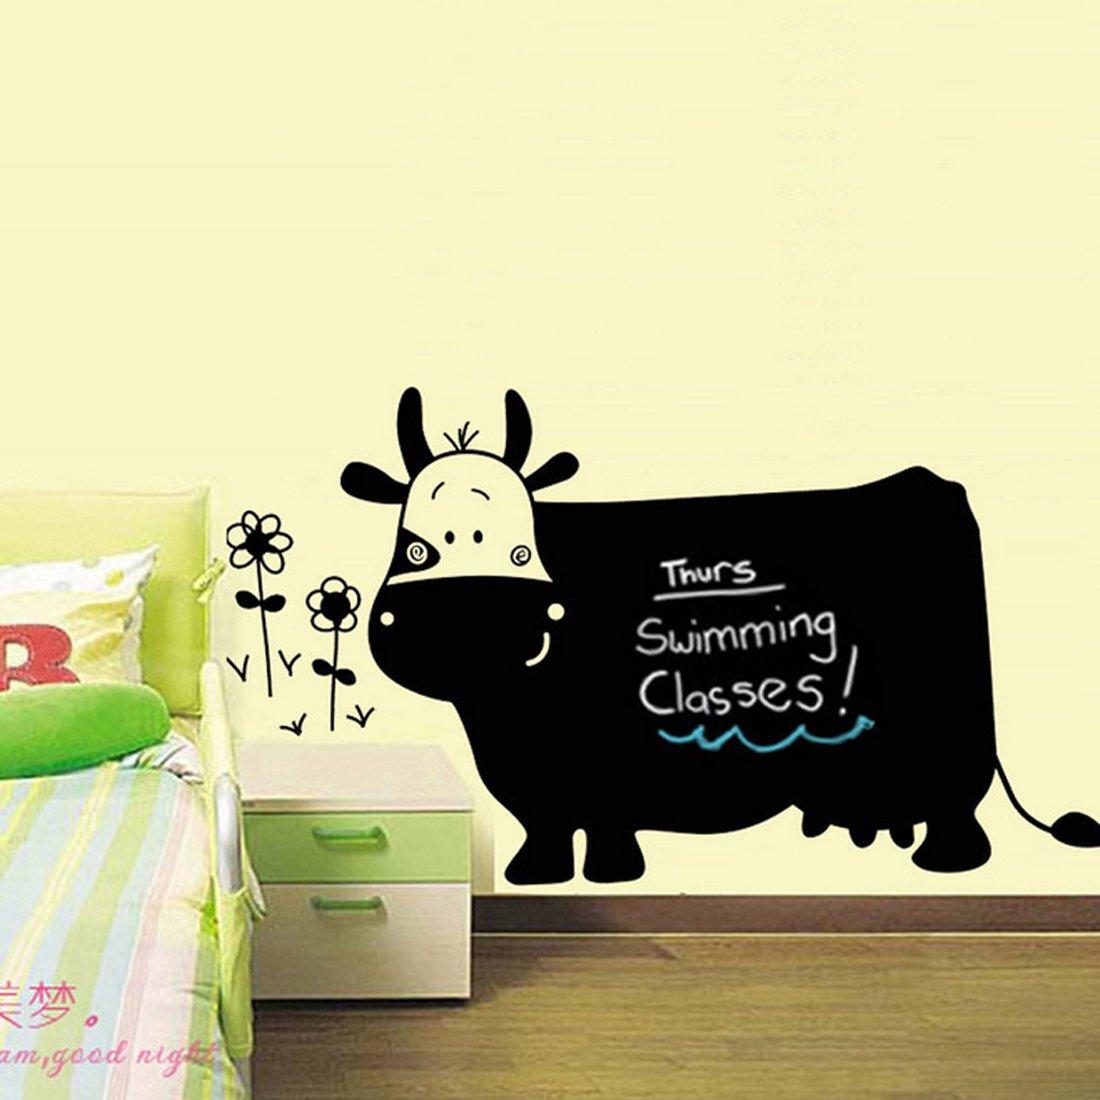 Negro Vaca Flores escritura pizarra adhesivo decorativo para pared casa de vinilo extraíble papel pintado de